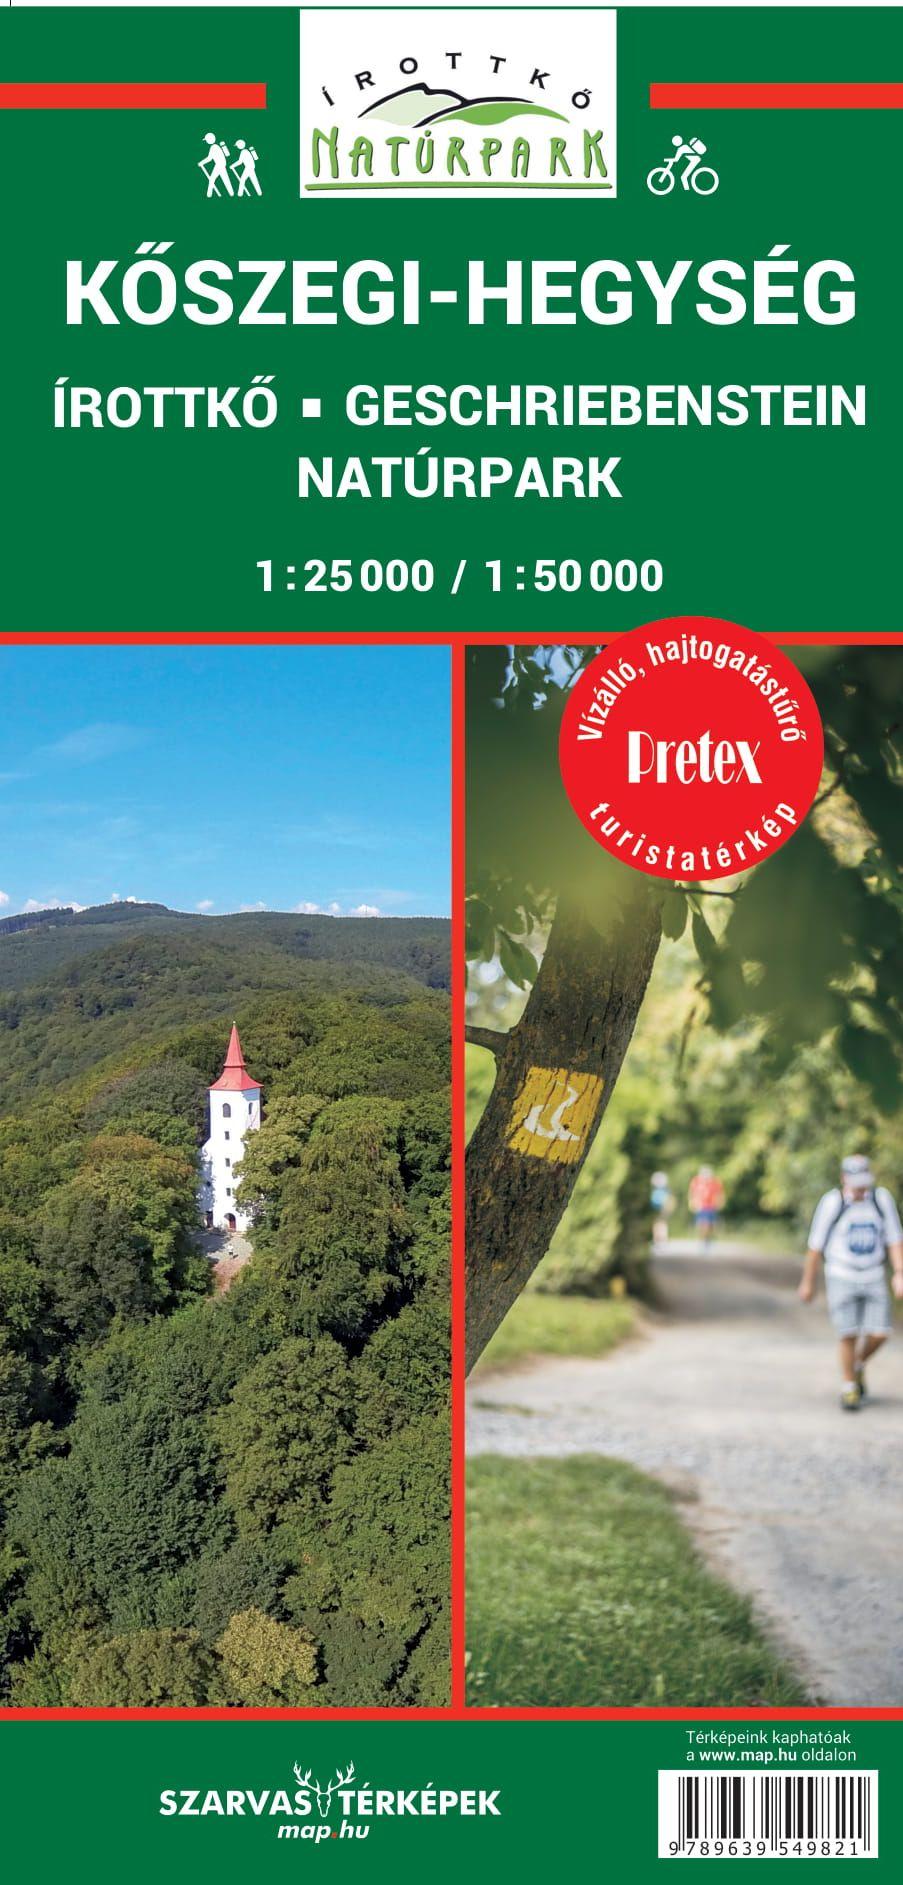 Kőszeg hils / Geschriebenstein Naturpark